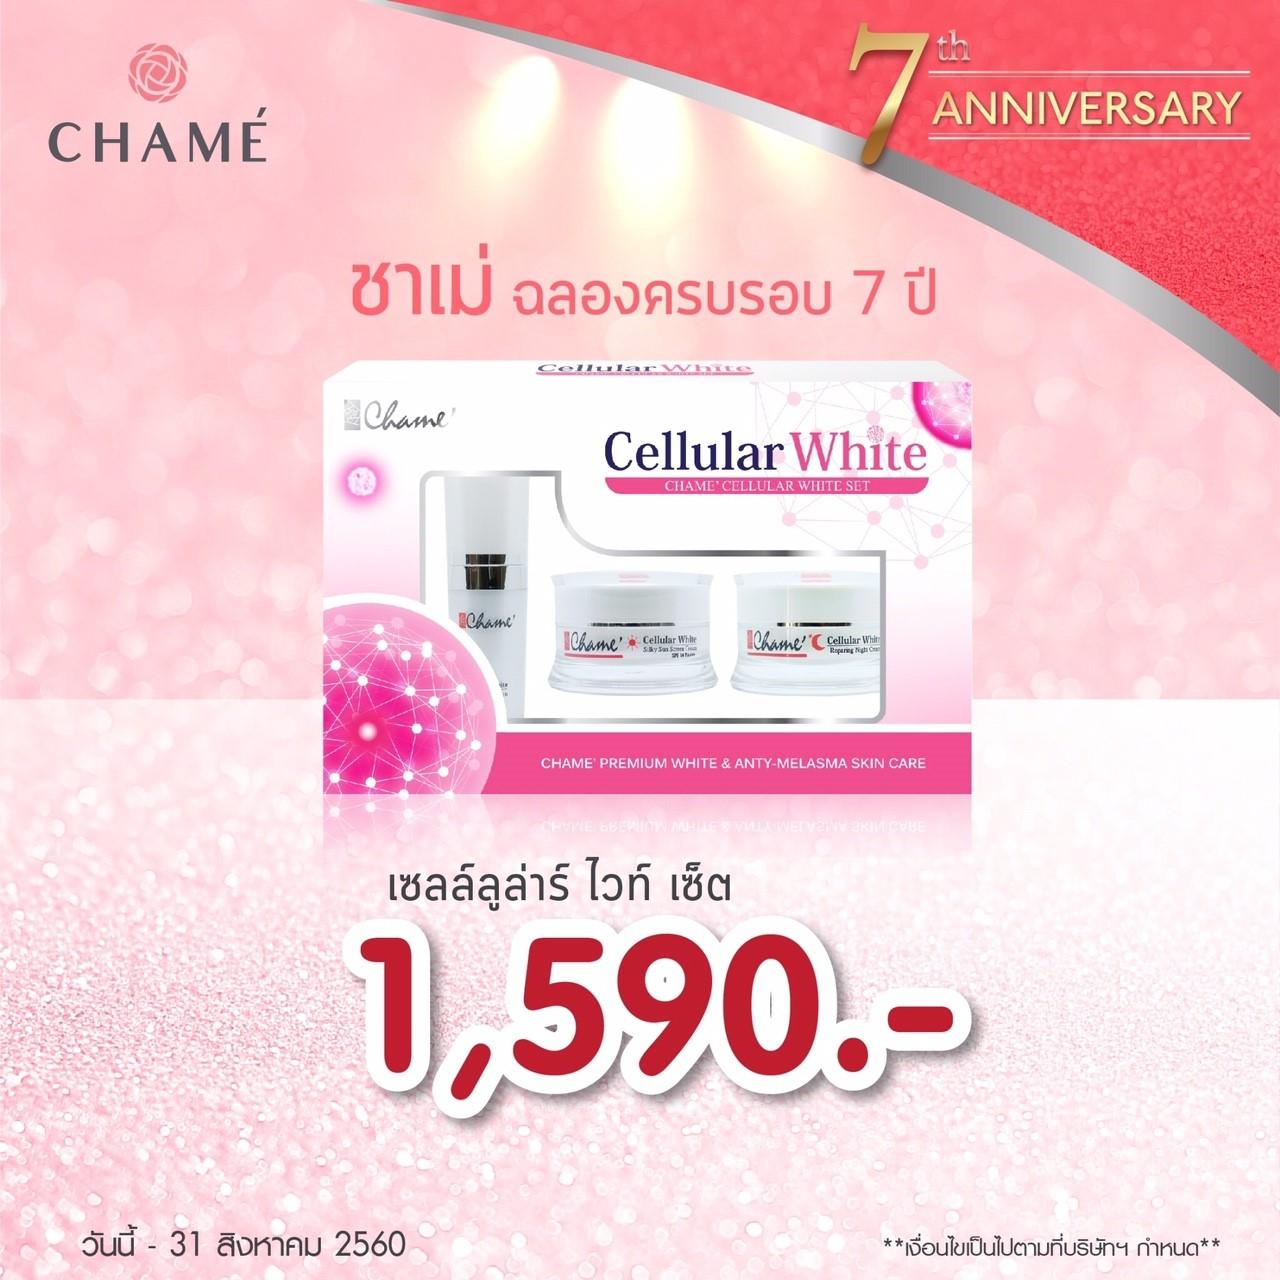 chame cellular white set